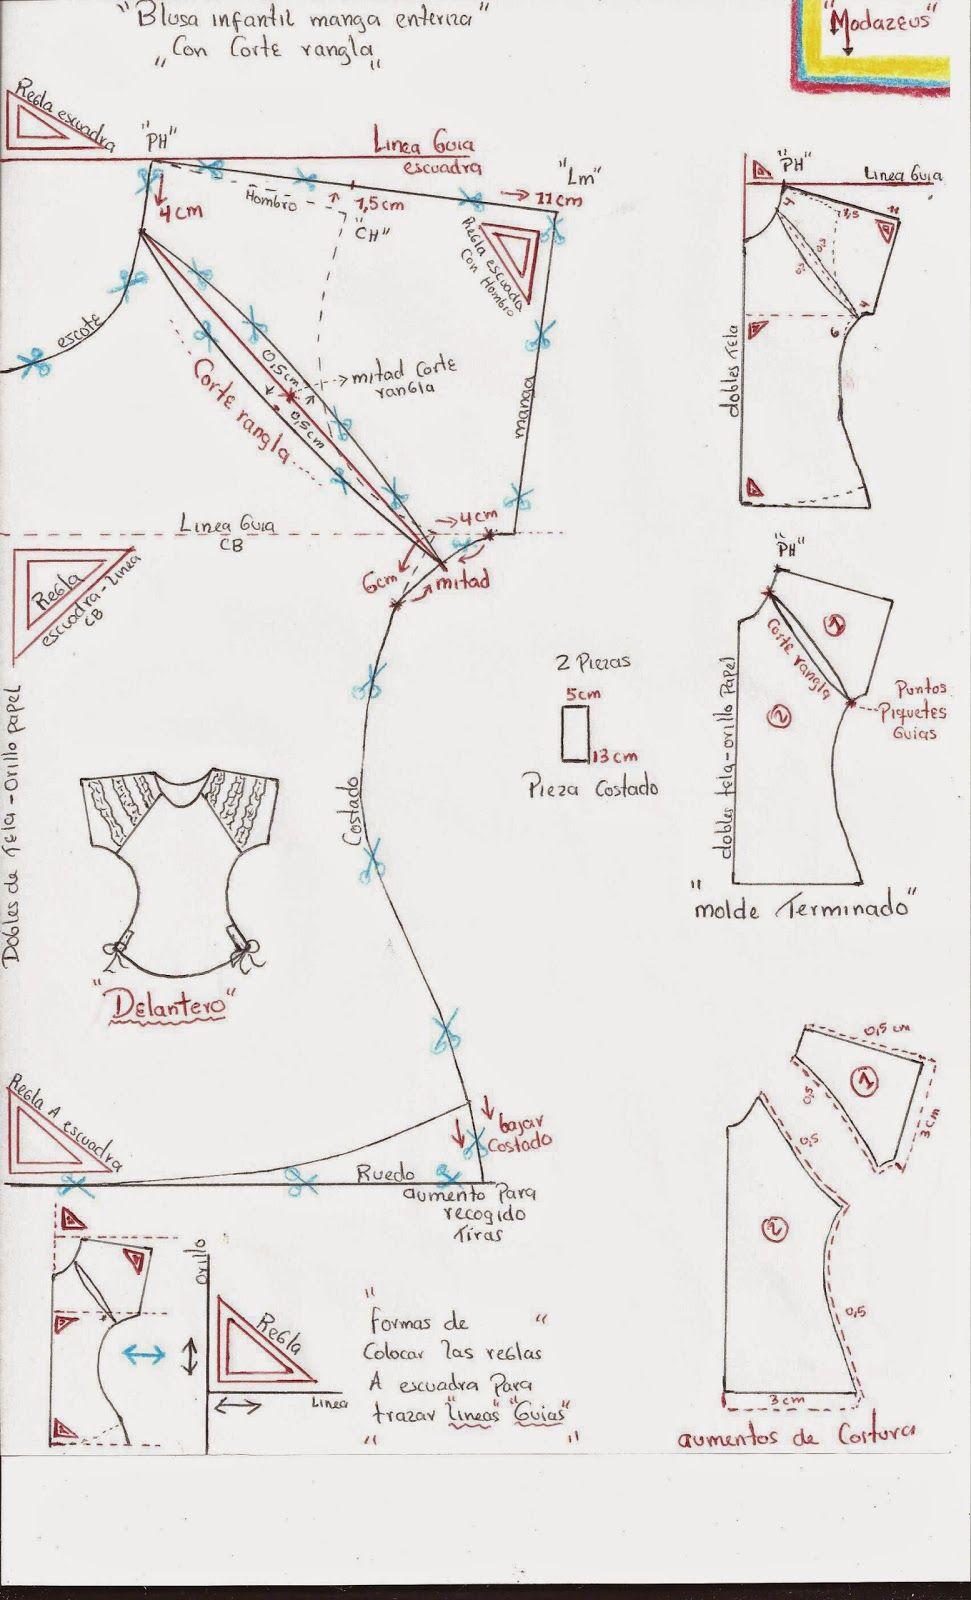 patron de blusa manga ranglan para niñas | Costura | Pinterest ...